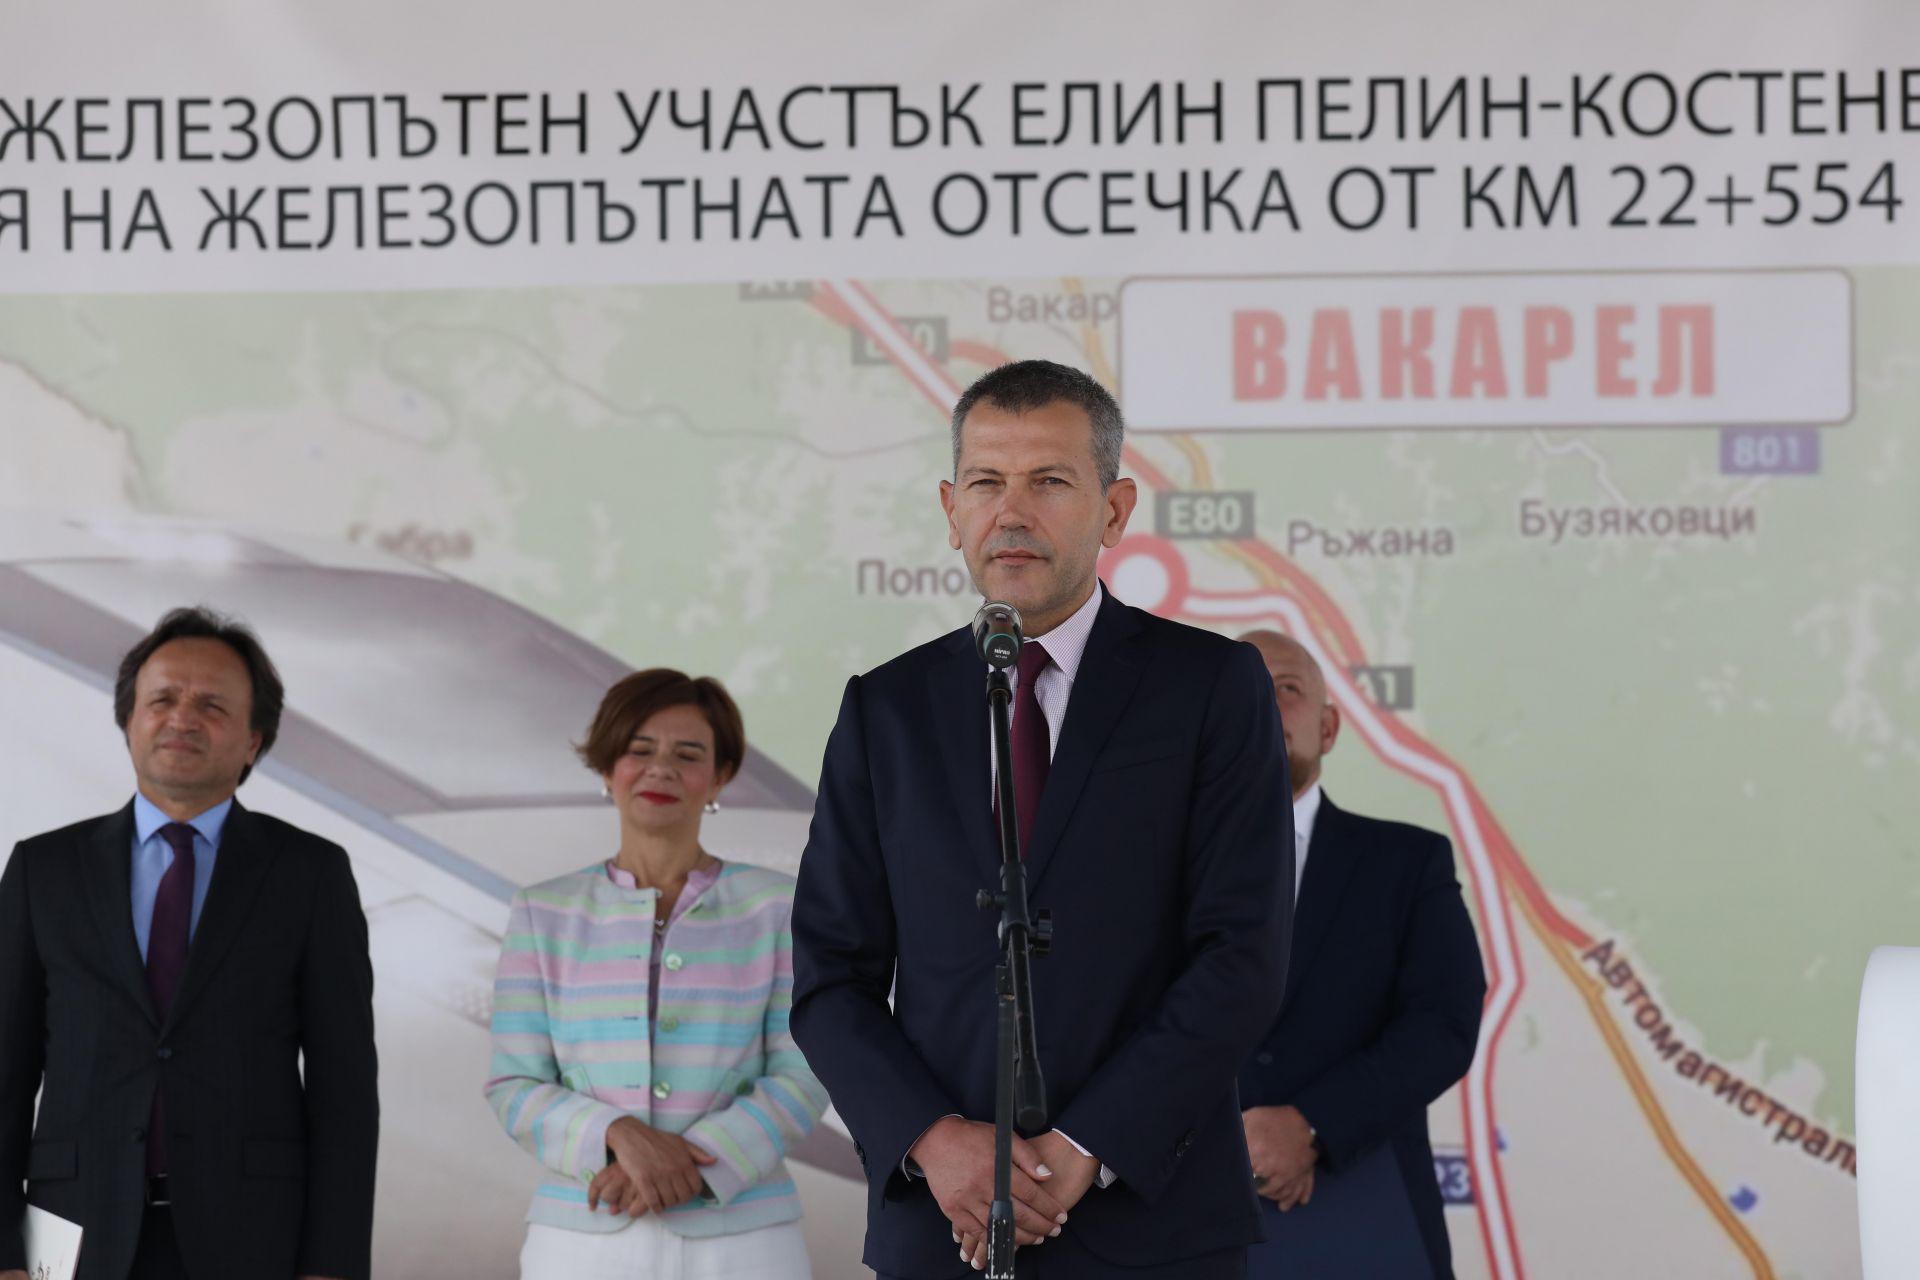 Срокът за изпълнение само на този тунел е уникален –повече от 3 години. Той ще бъде най-големият на Балканит, каза транспортният министър